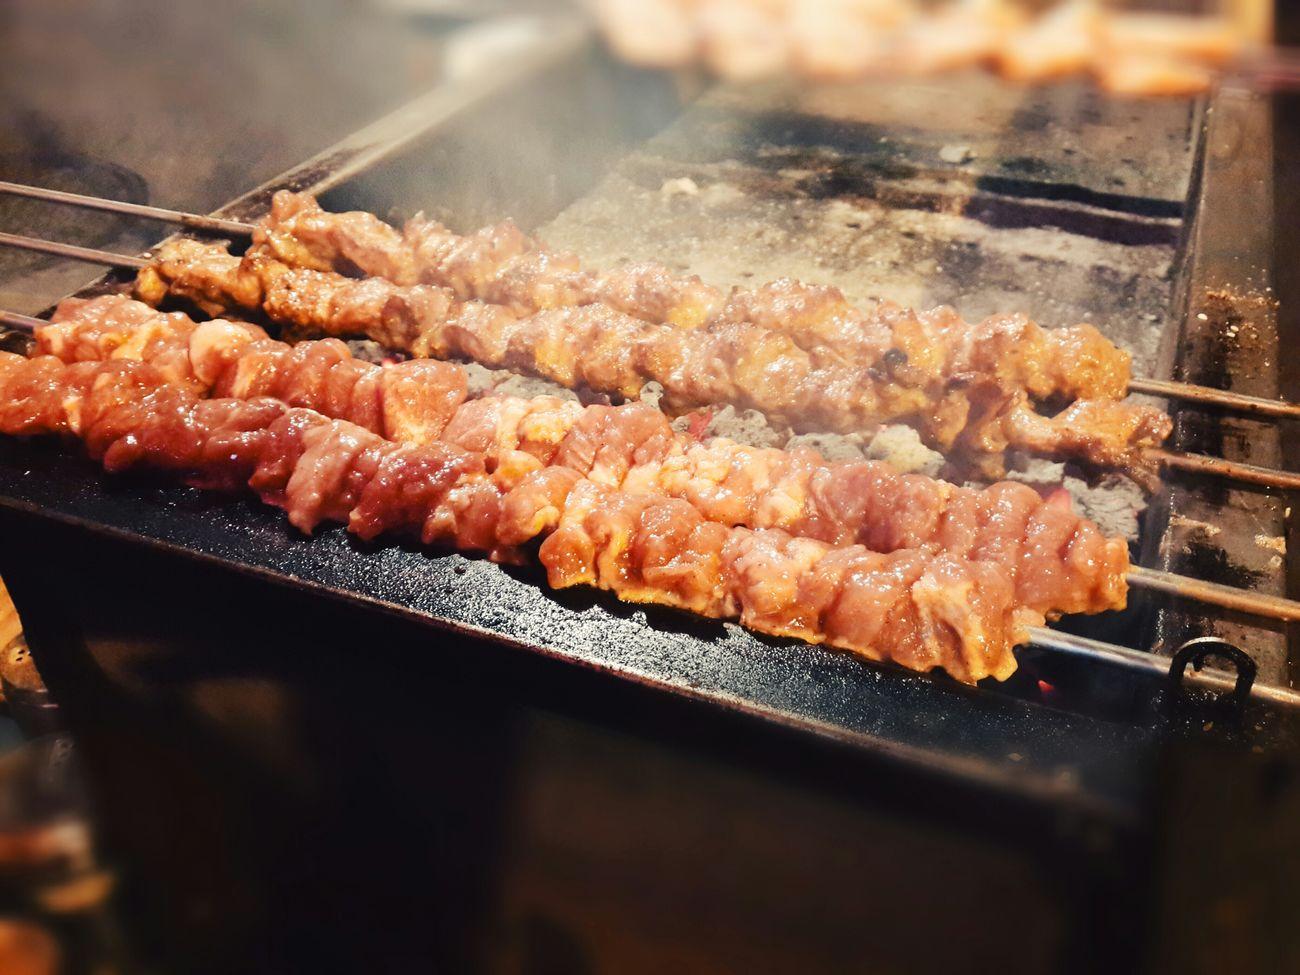 What's For Dinner? Satay Goat TasteOfPerfection